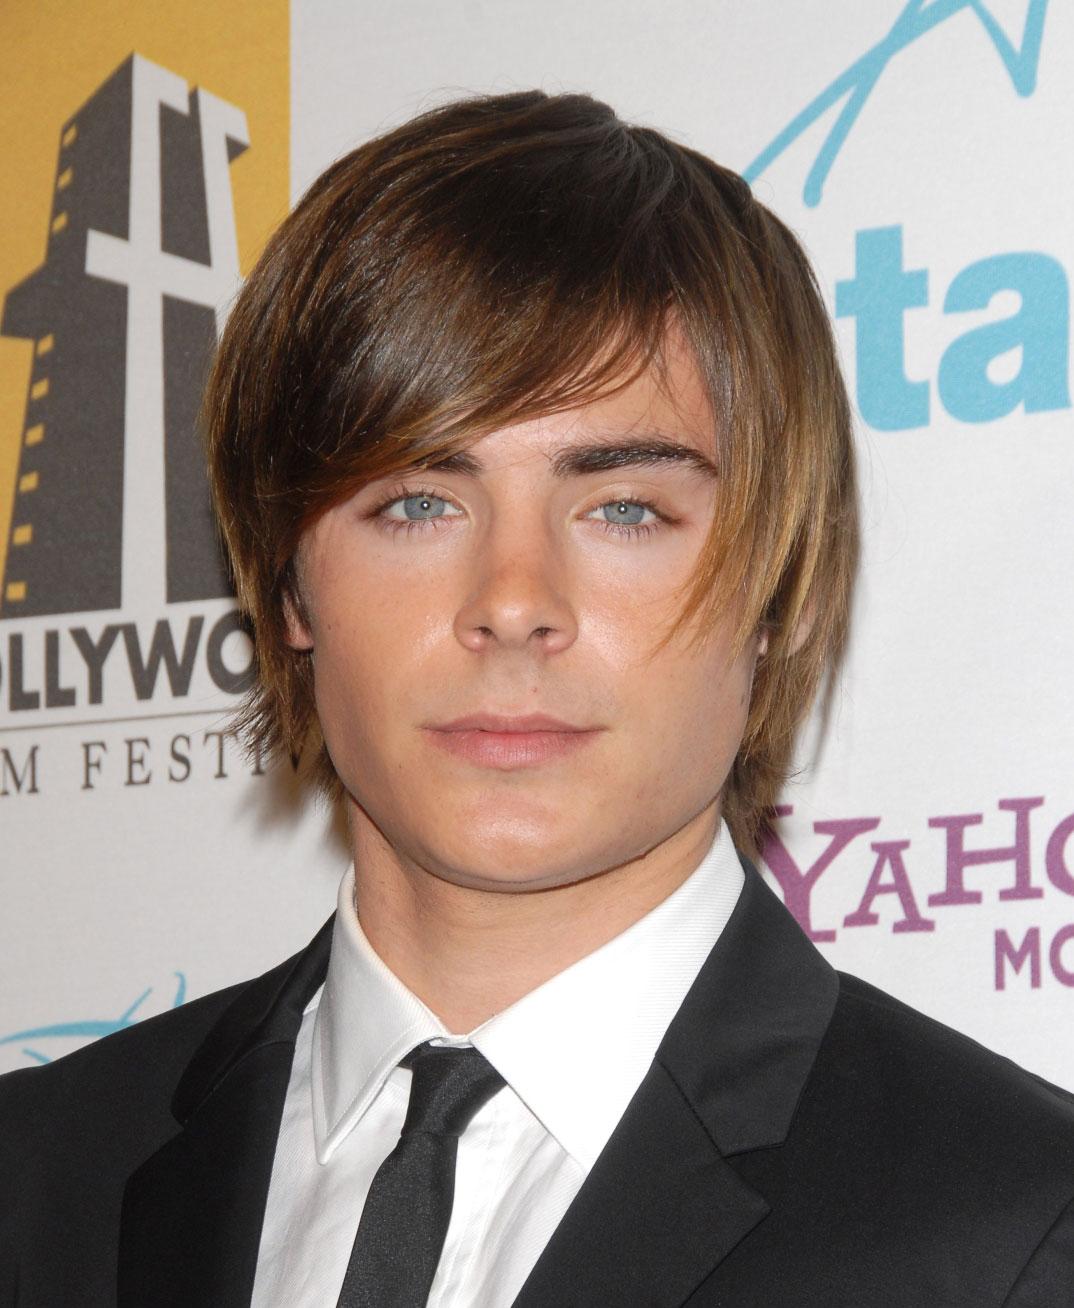 http://1.bp.blogspot.com/-xSu8kDxz6xE/TpSFb0-vWGI/AAAAAAAAASM/kt6Br3W79kA/s1600/Zac+Efron+hairstyles-hairstyles-formen.blogspot.com-zac-efron-hairstyles06.jpg